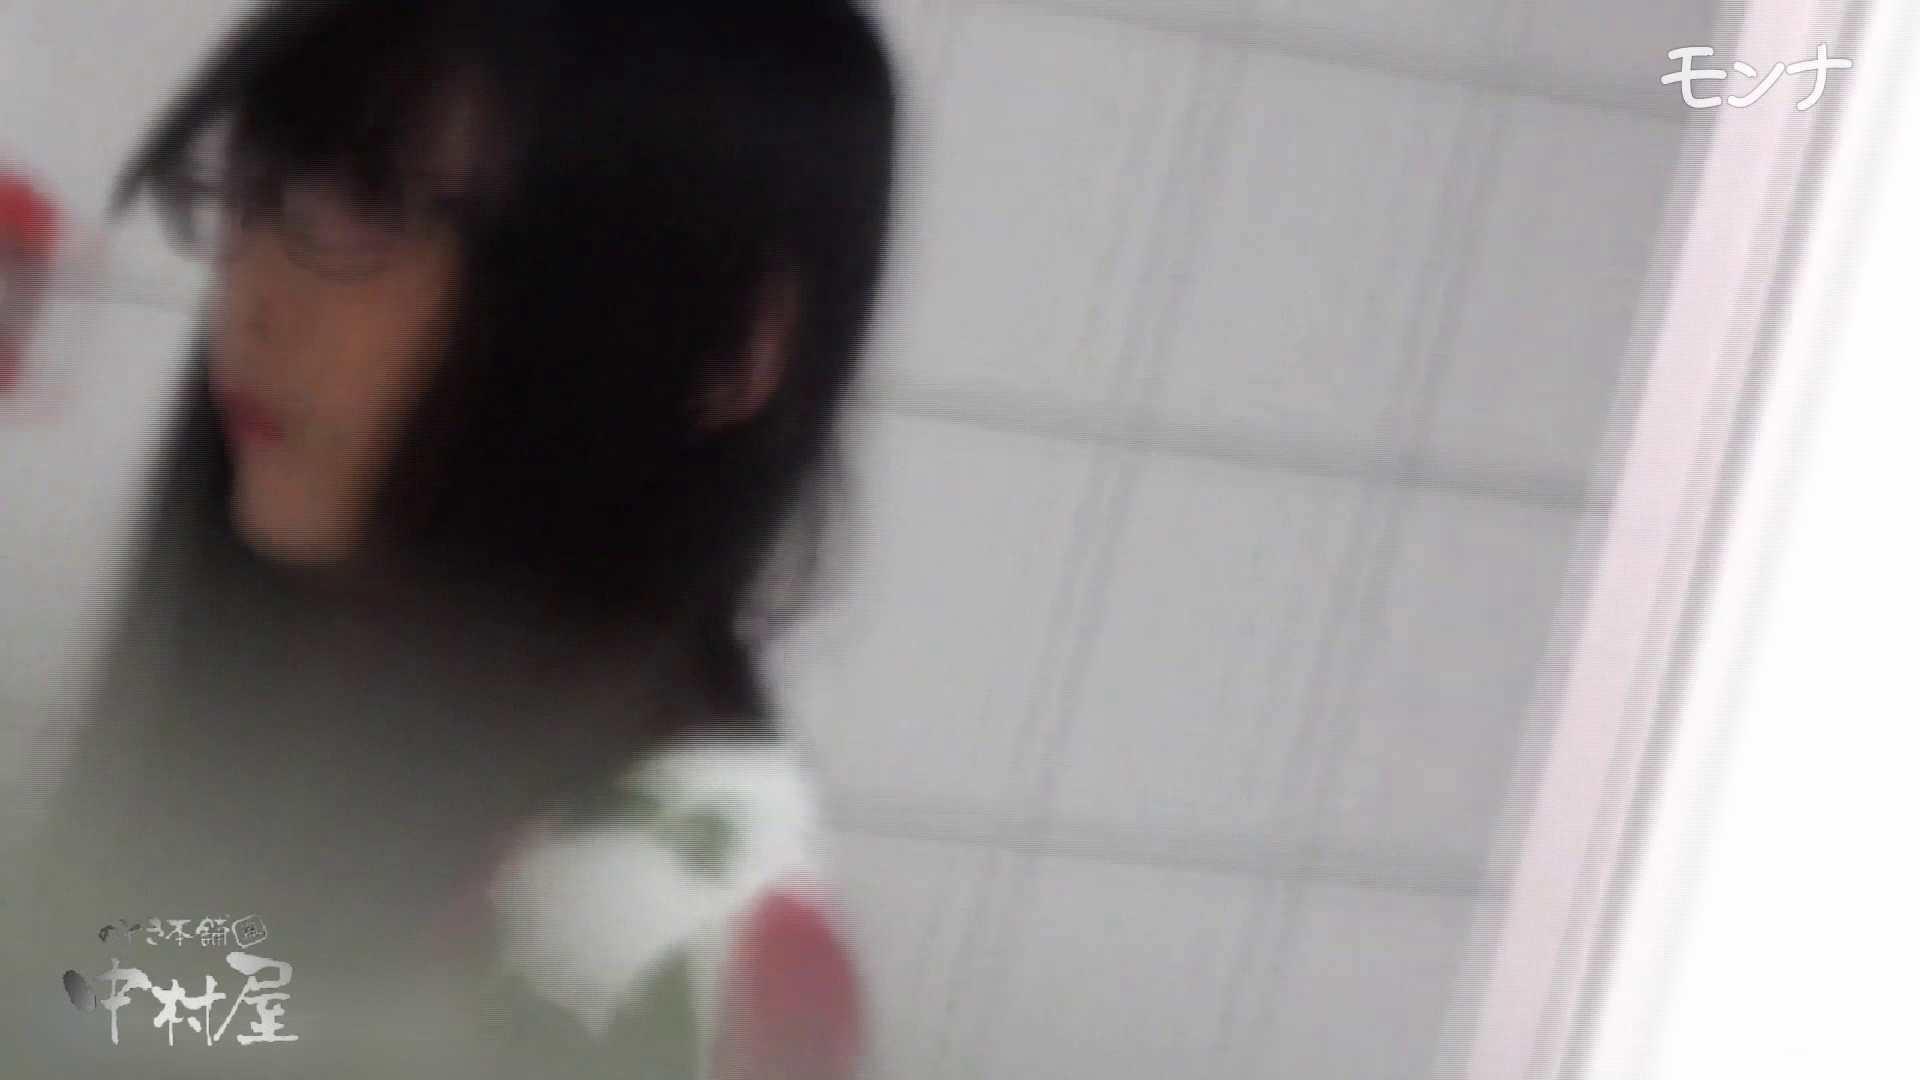 美しい日本の未来 No.57 見やすい拭き方に感謝です。その3 おまんこ見放題  99PIX 8